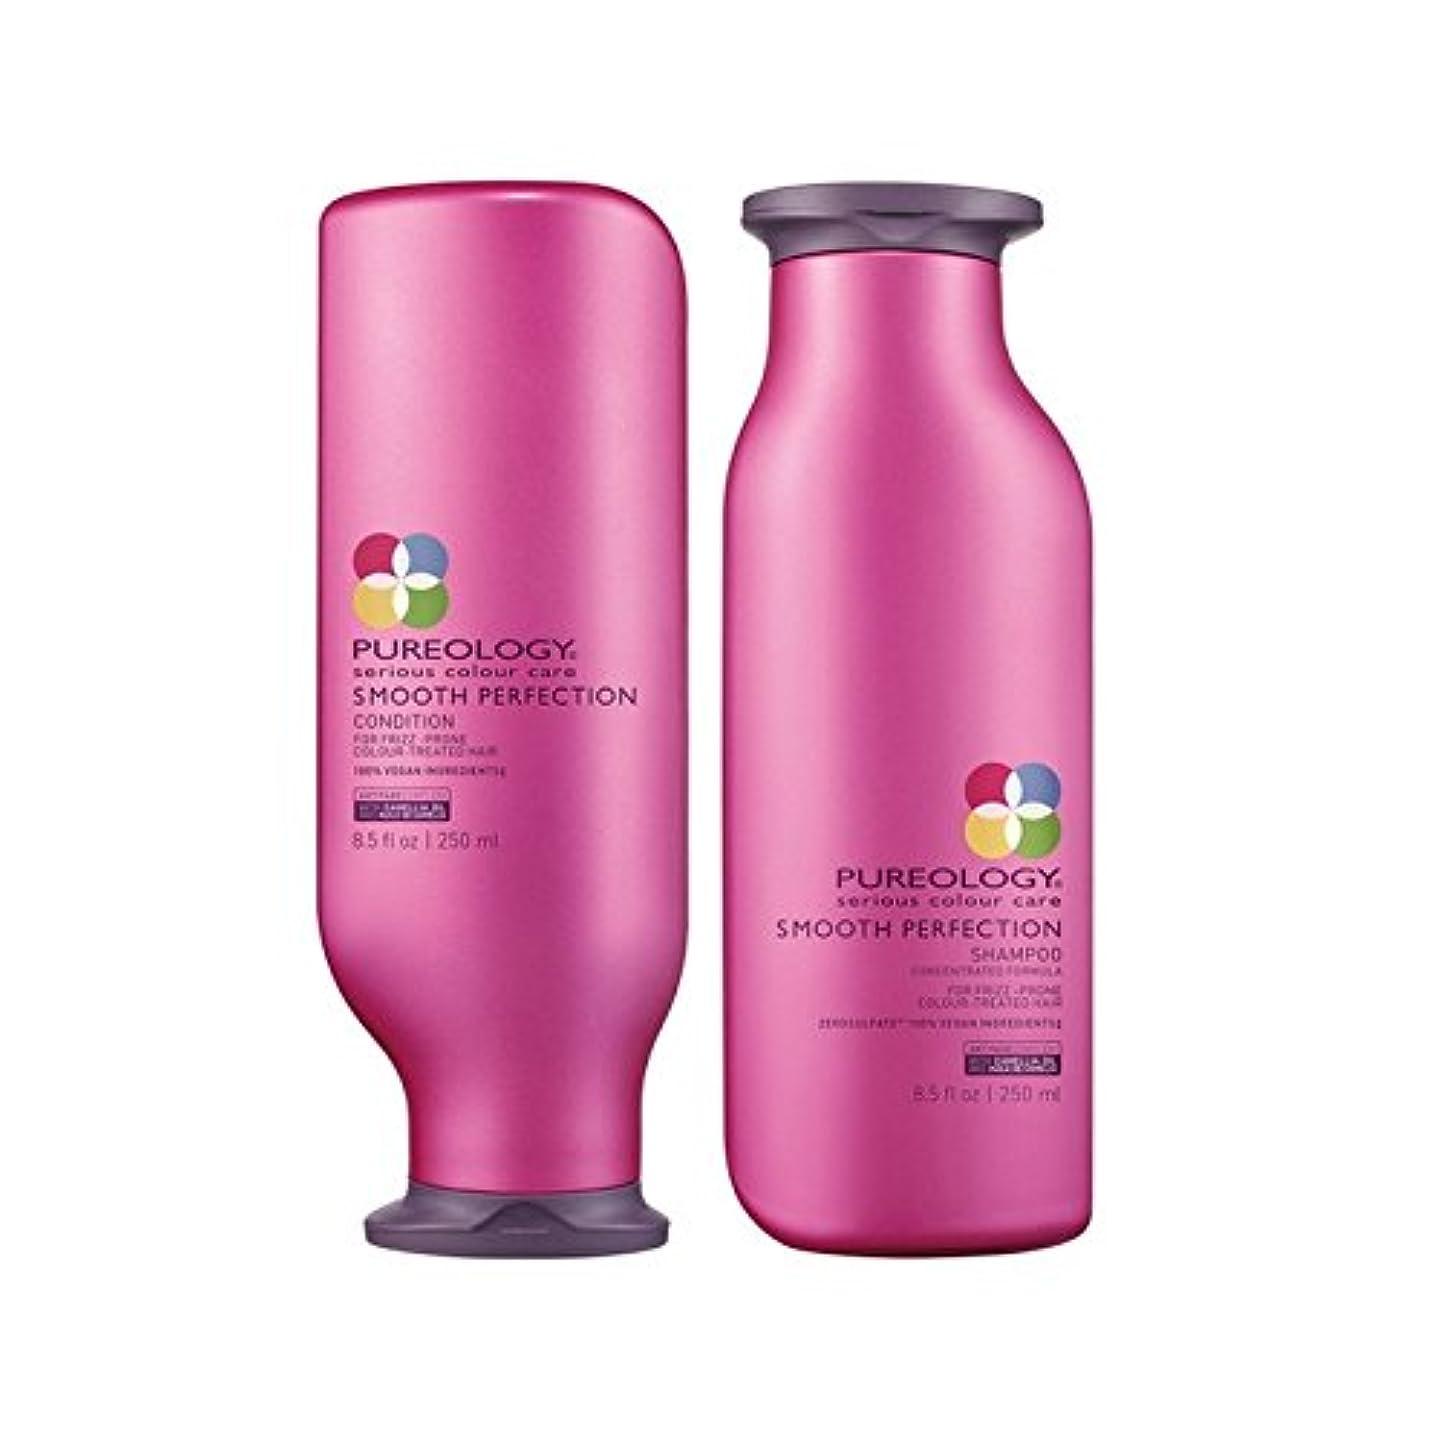 配管摩擦精神医学Pureology Smooth Perfection Shampoo And Conditioner (250ml) (Pack of 6) - 平滑完璧シャンプー及びコンディショナー(250ミリリットル) x6 [並行輸入品]